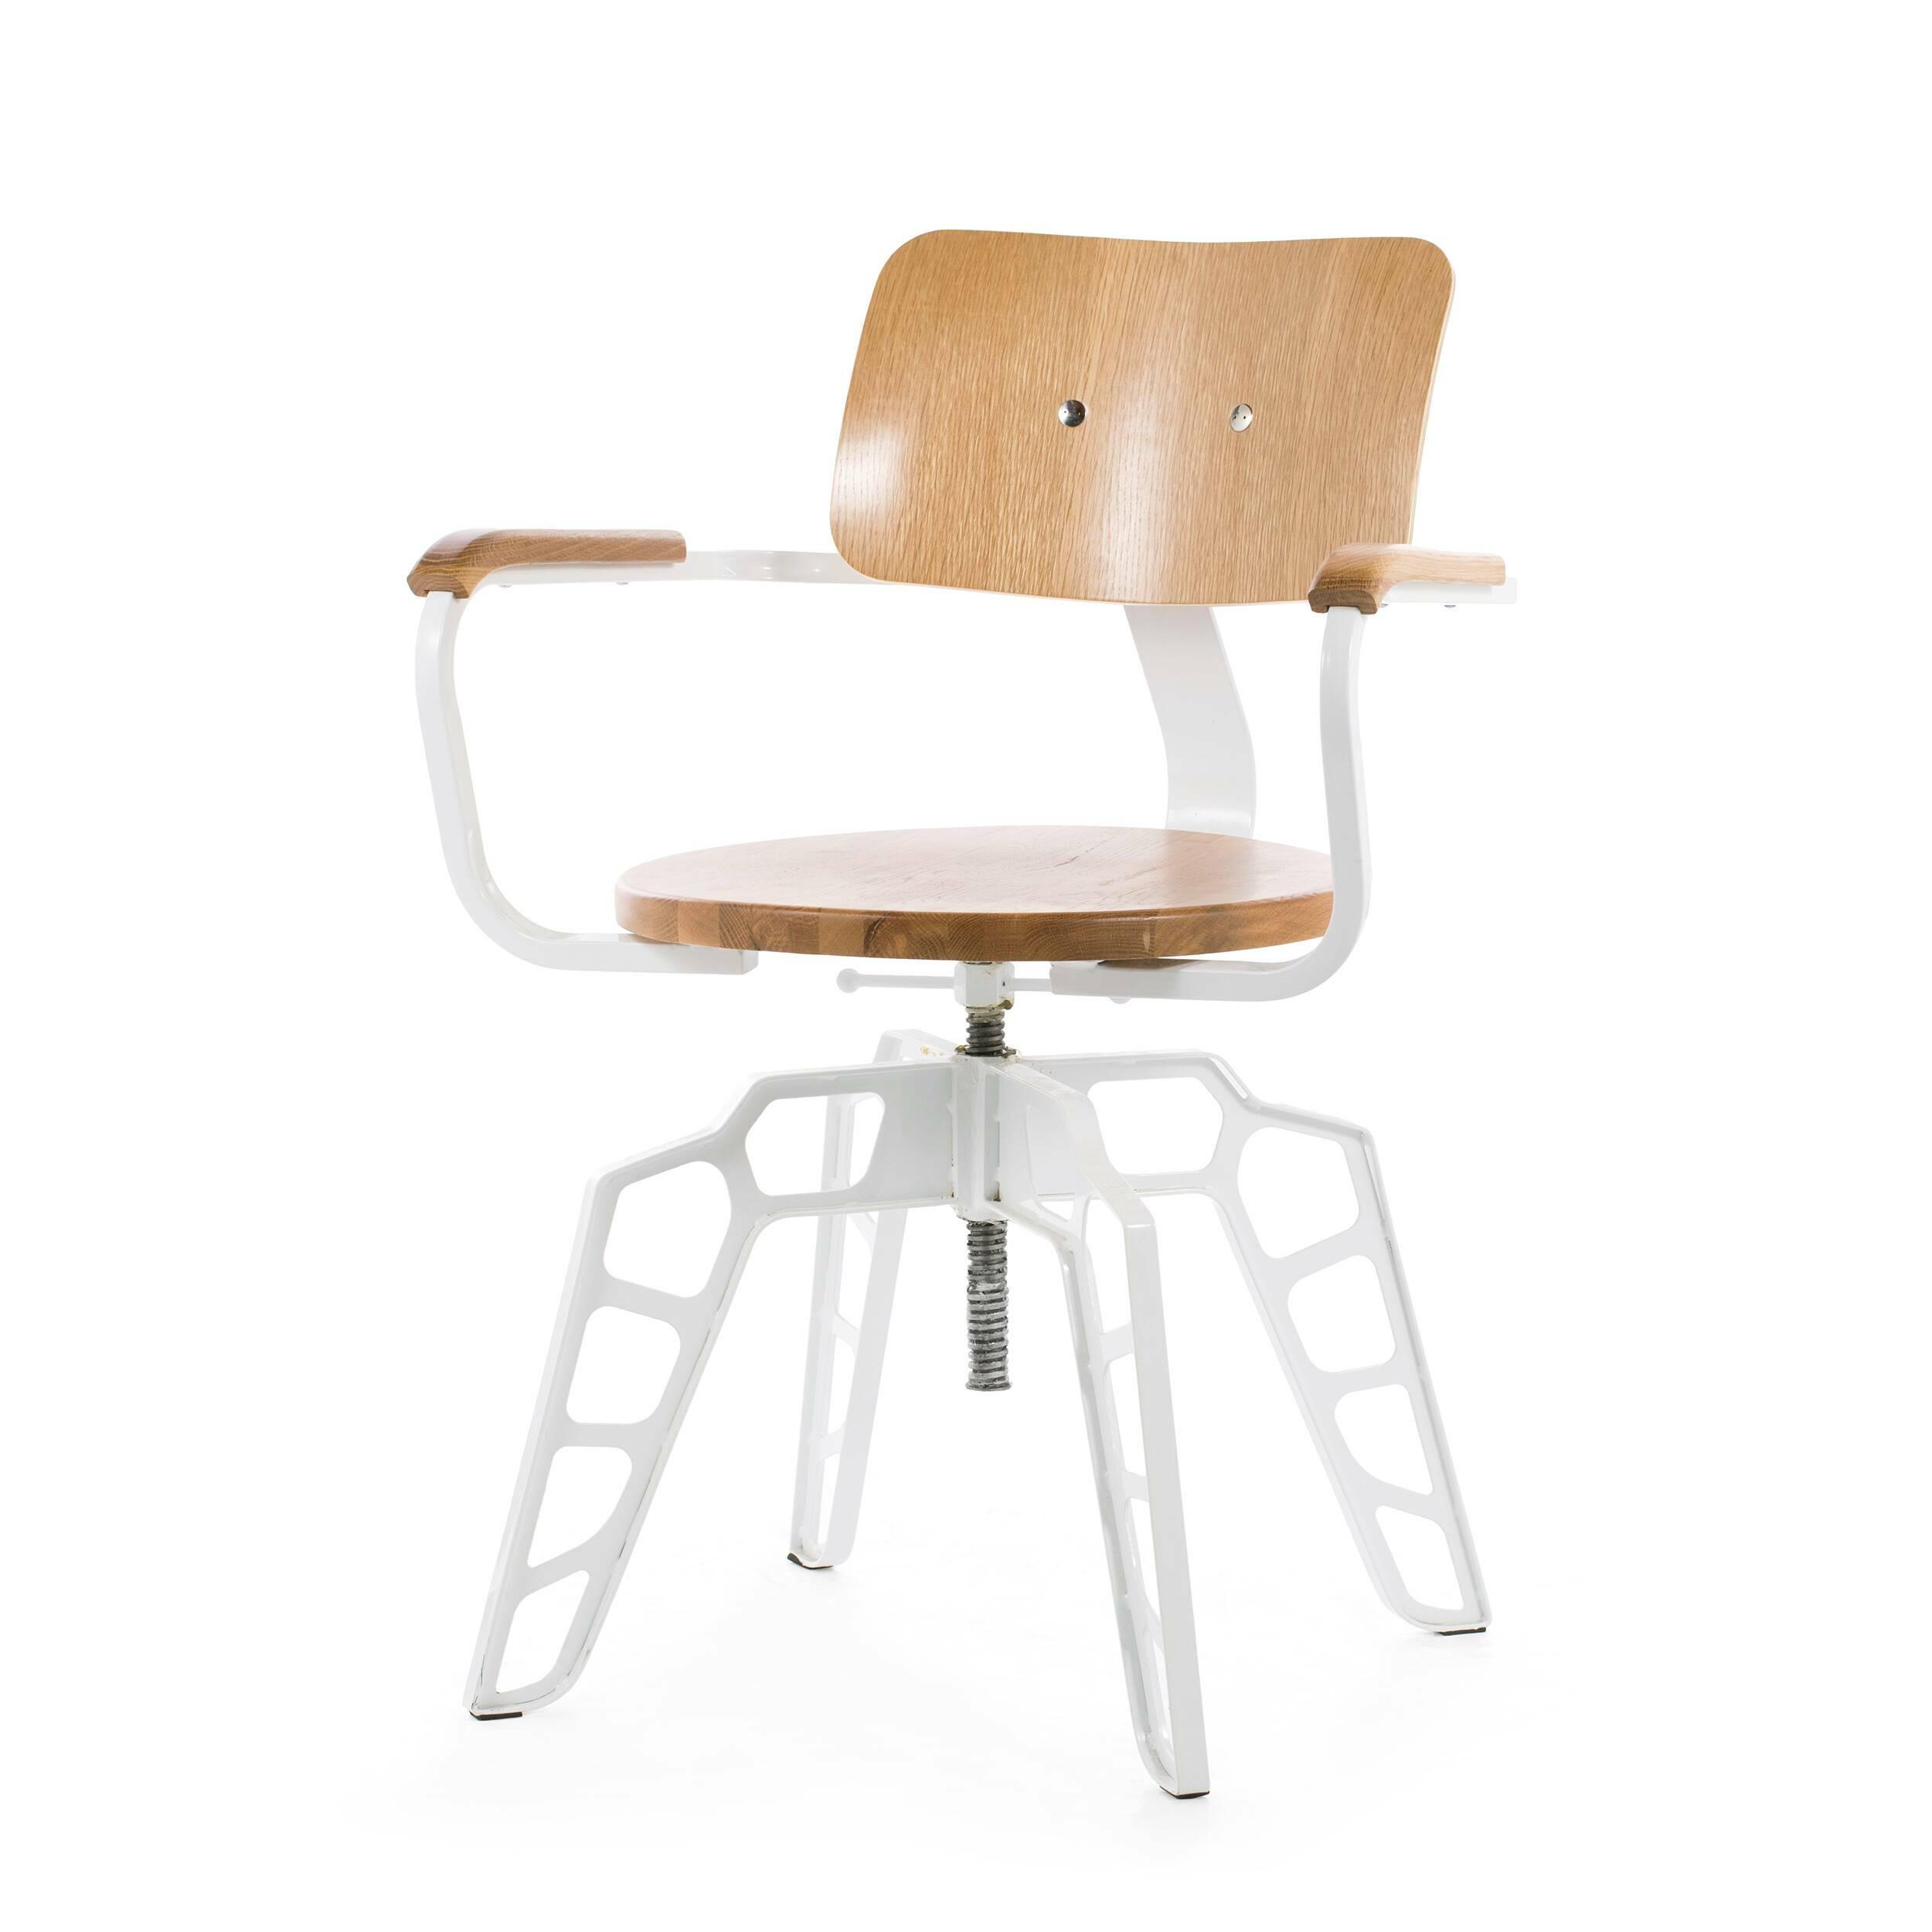 Стул BosИнтерьерные<br>Дизайнерский прочный стул Bos (Бос) на стальном каркасе с вставками из дерева от Cosmo (Космо).<br>Стул Bos — гибрид различных направлений в интерьере, который привнесет в дизайн вашей обеденной зоны или даже, может, бара изюминку. Совокупность деталей в индустриальном стиле, классические экоматериалы сделали стул необычным и беспрецедентным по идее дизайна.<br> <br> Необычной, но в то же время невероятно оригинальной и функциональной задумкой дизайнера является подъемный механизм сиденья. Благодар...<br><br>stock: 25<br>Высота: 84<br>Высота сиденья: 46.5-60<br>Ширина: 60<br>Глубина: 54<br>Цвет спинки: Дуб<br>Материал спинки: Фанера, шпон дуба<br>Тип материала каркаса: Сталь<br>Материал сидения: Массив дуба<br>Цвет сидения: Дуб<br>Тип материала спинки: Дерево<br>Тип материала сидения: Дерево<br>Цвет каркаса: Белый